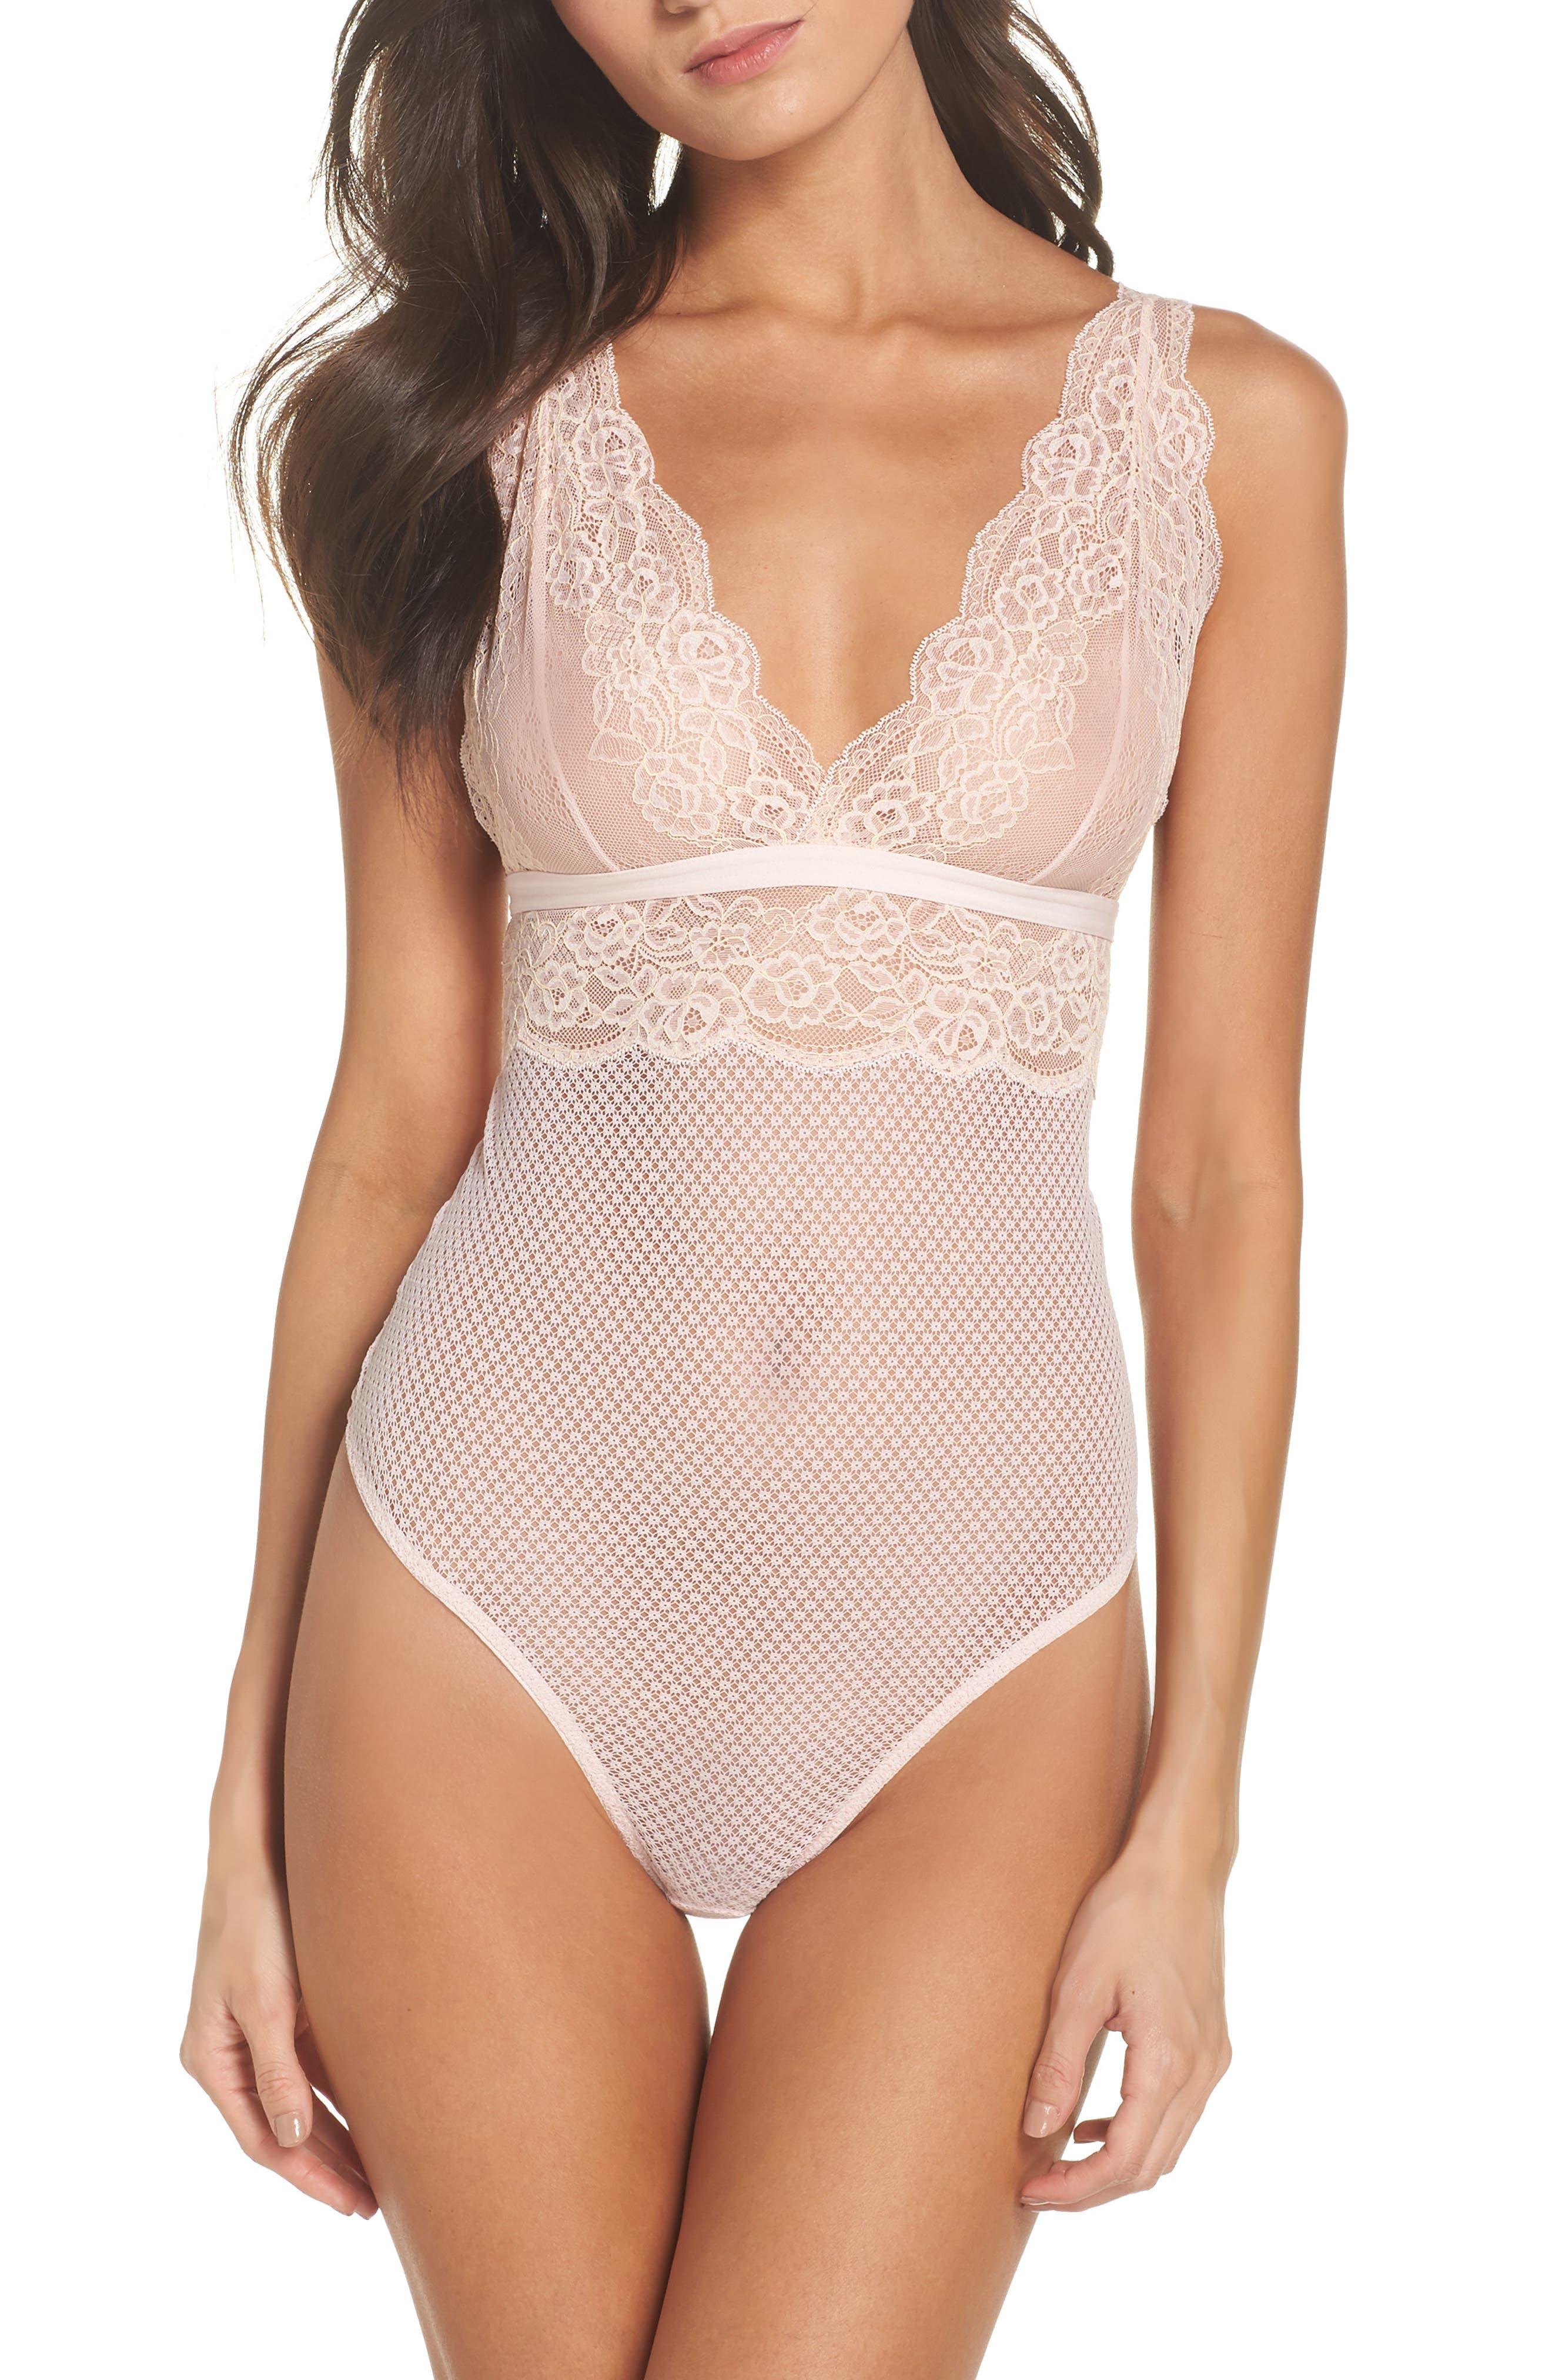 Boux Avenue Erica Lace Thong Bodysuit